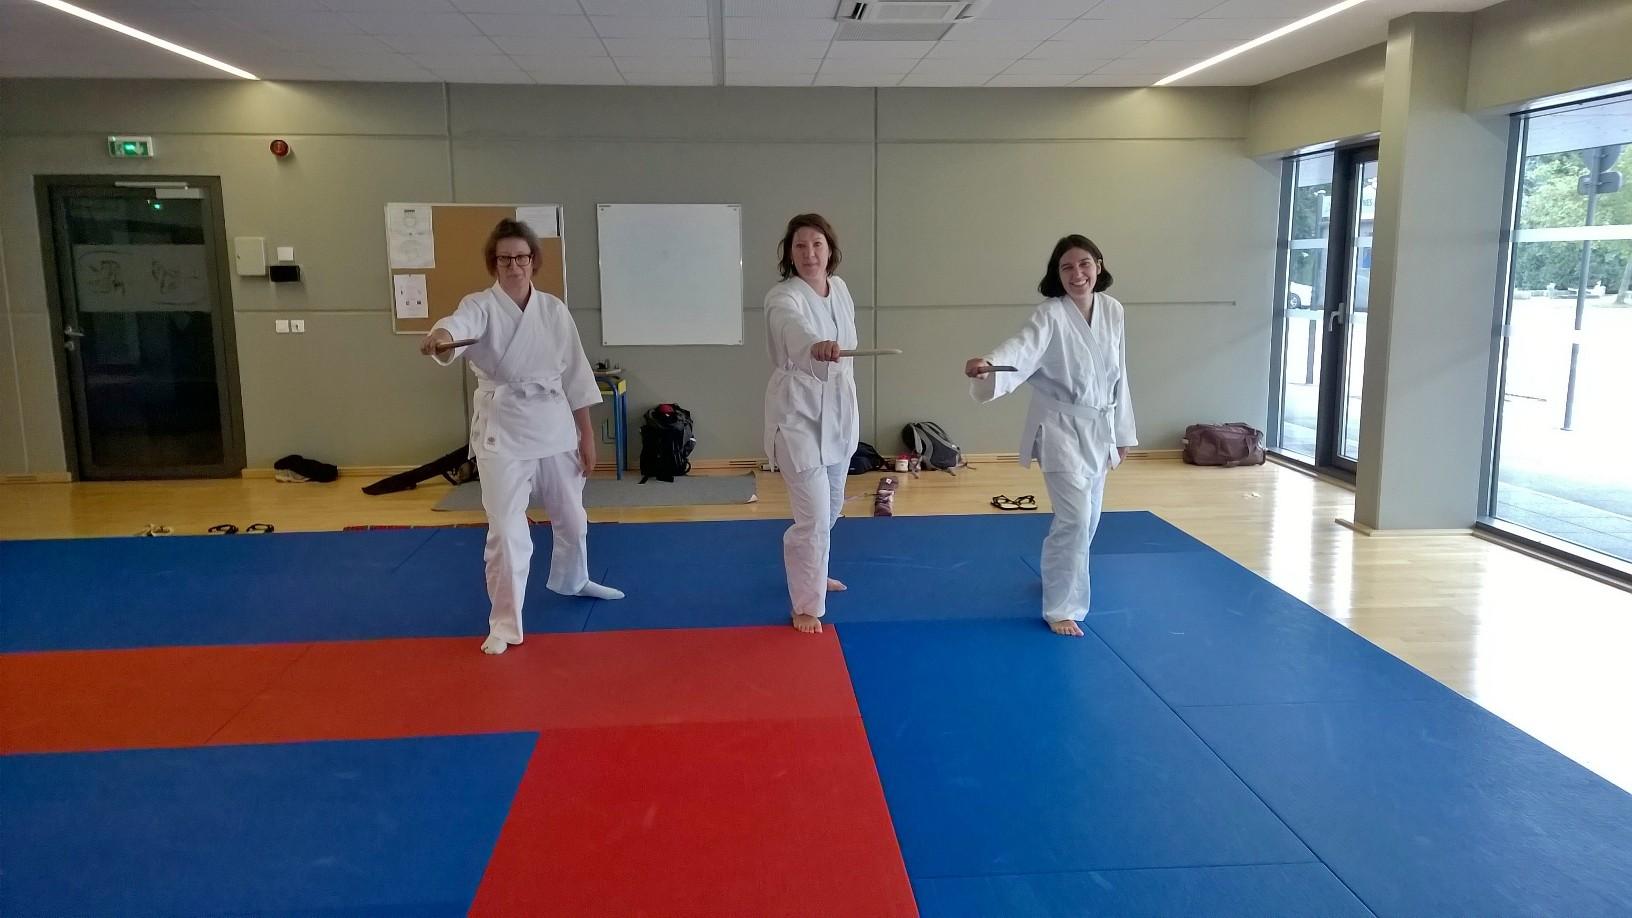 Drolesdedames aikido blamont 090917